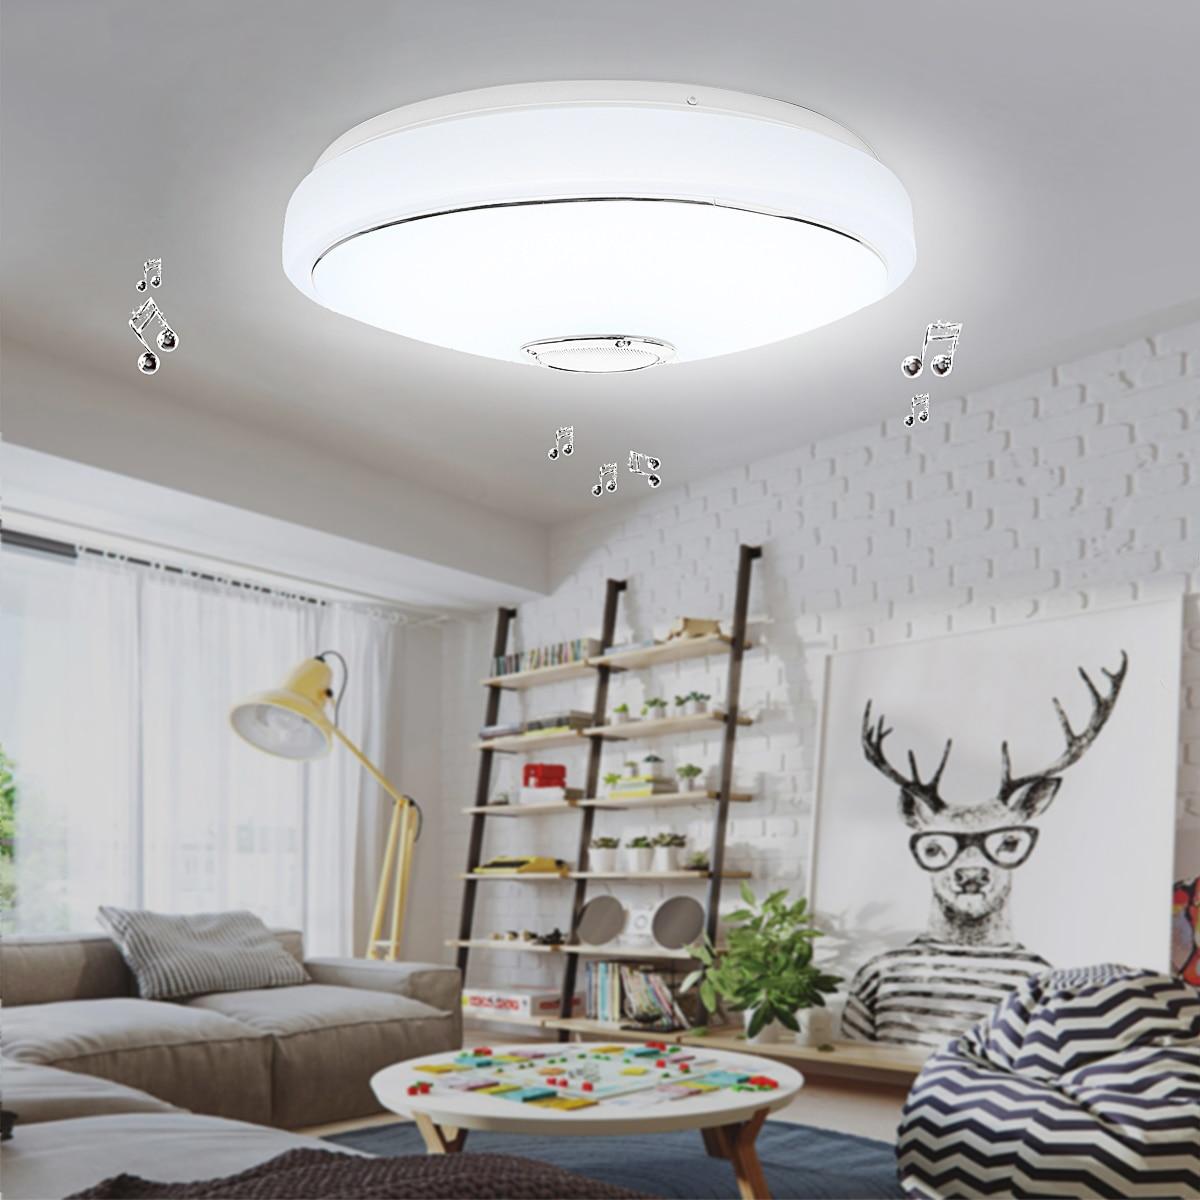 220V Modern Round LED Ceiling Light Bluetooth Speaker Music 24W RGB Ceiling Lamp for Living Room Bedroom Acrylic Lighting цена